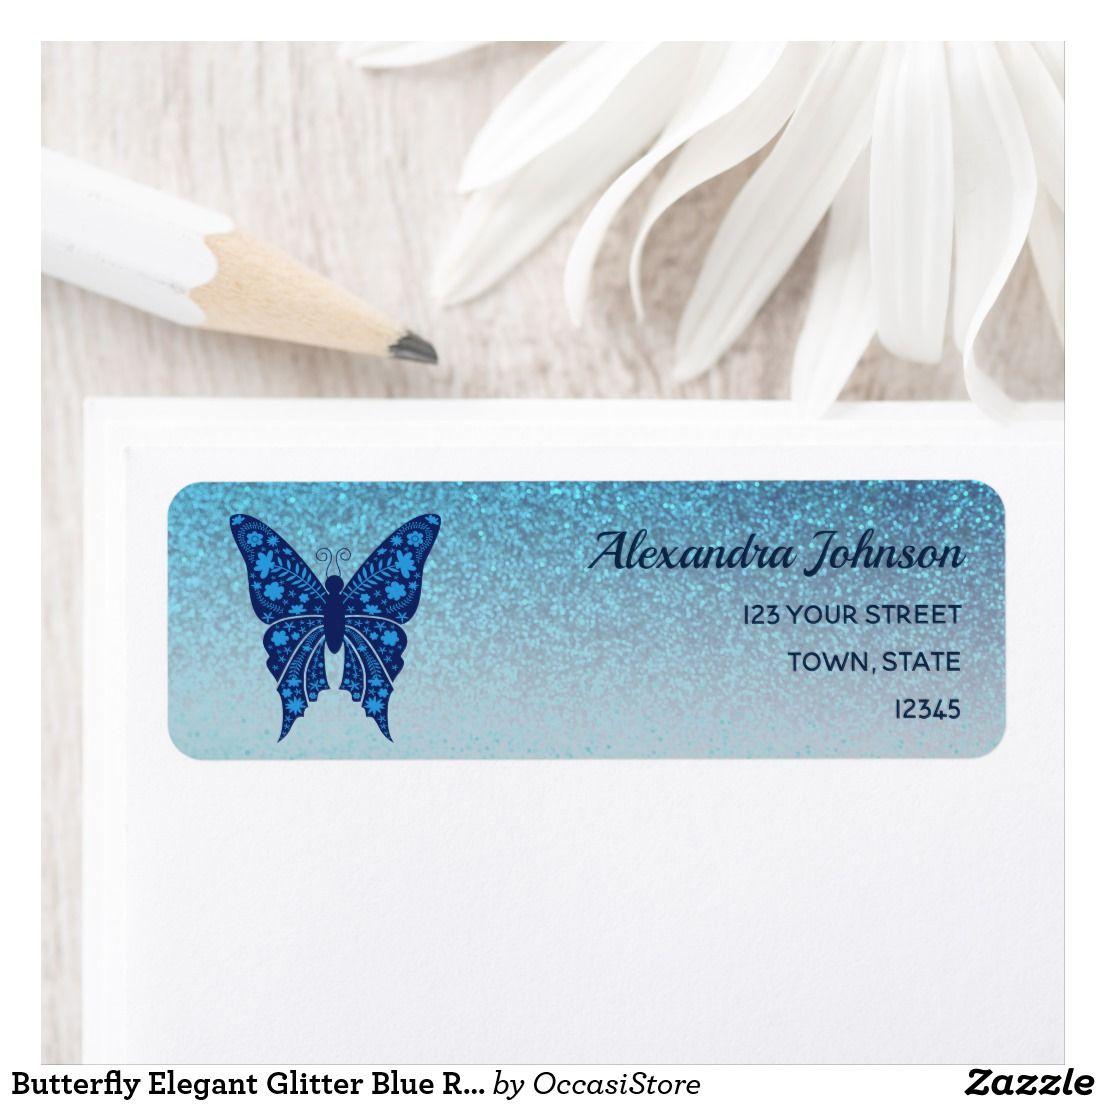 Butterfly elegant glitter blue return address label